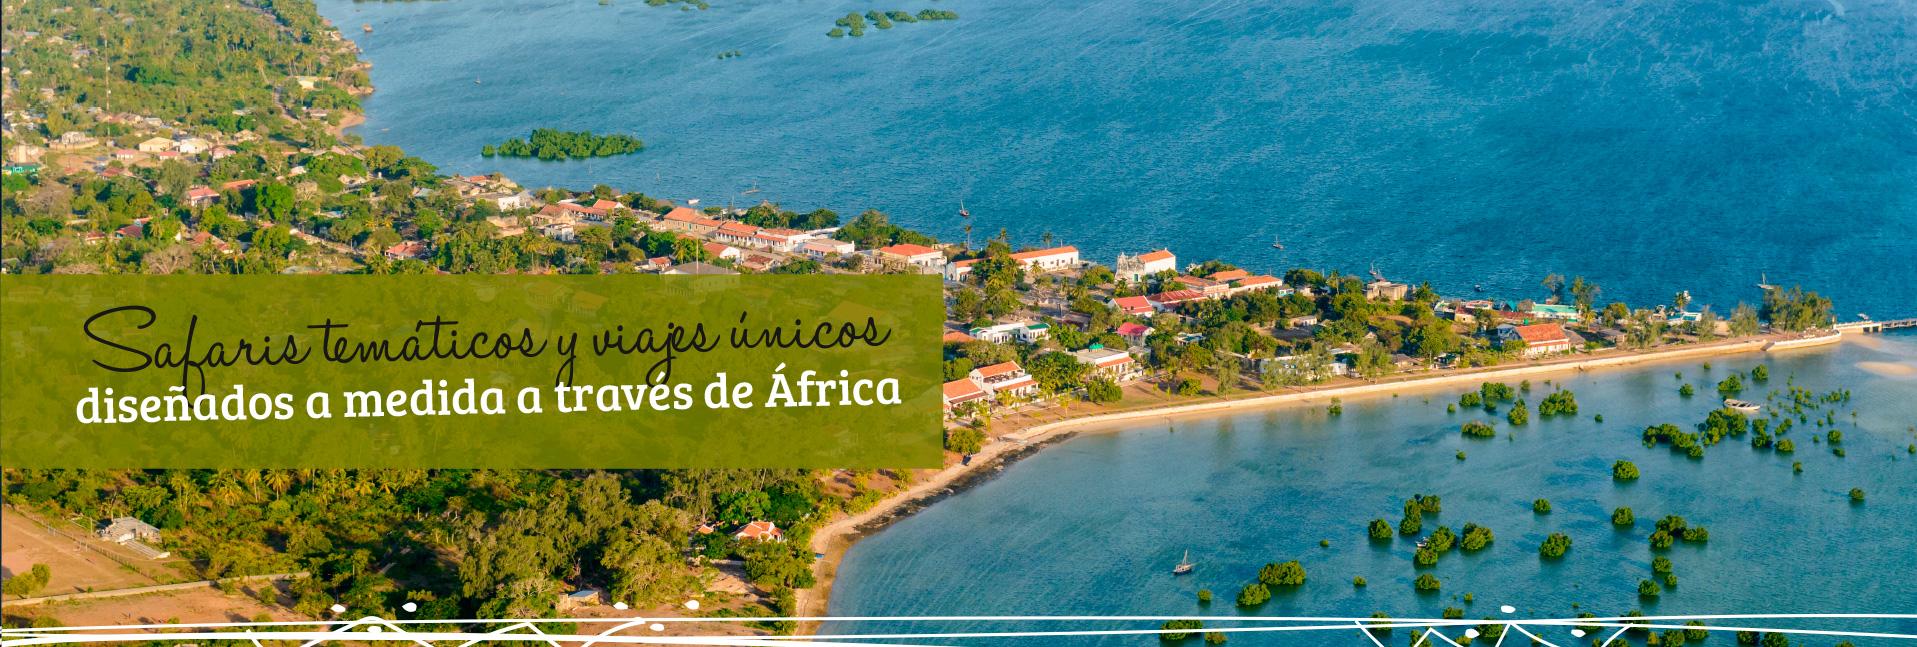 Safaris temáticos y viajes únicos diseñados a medida a través de África